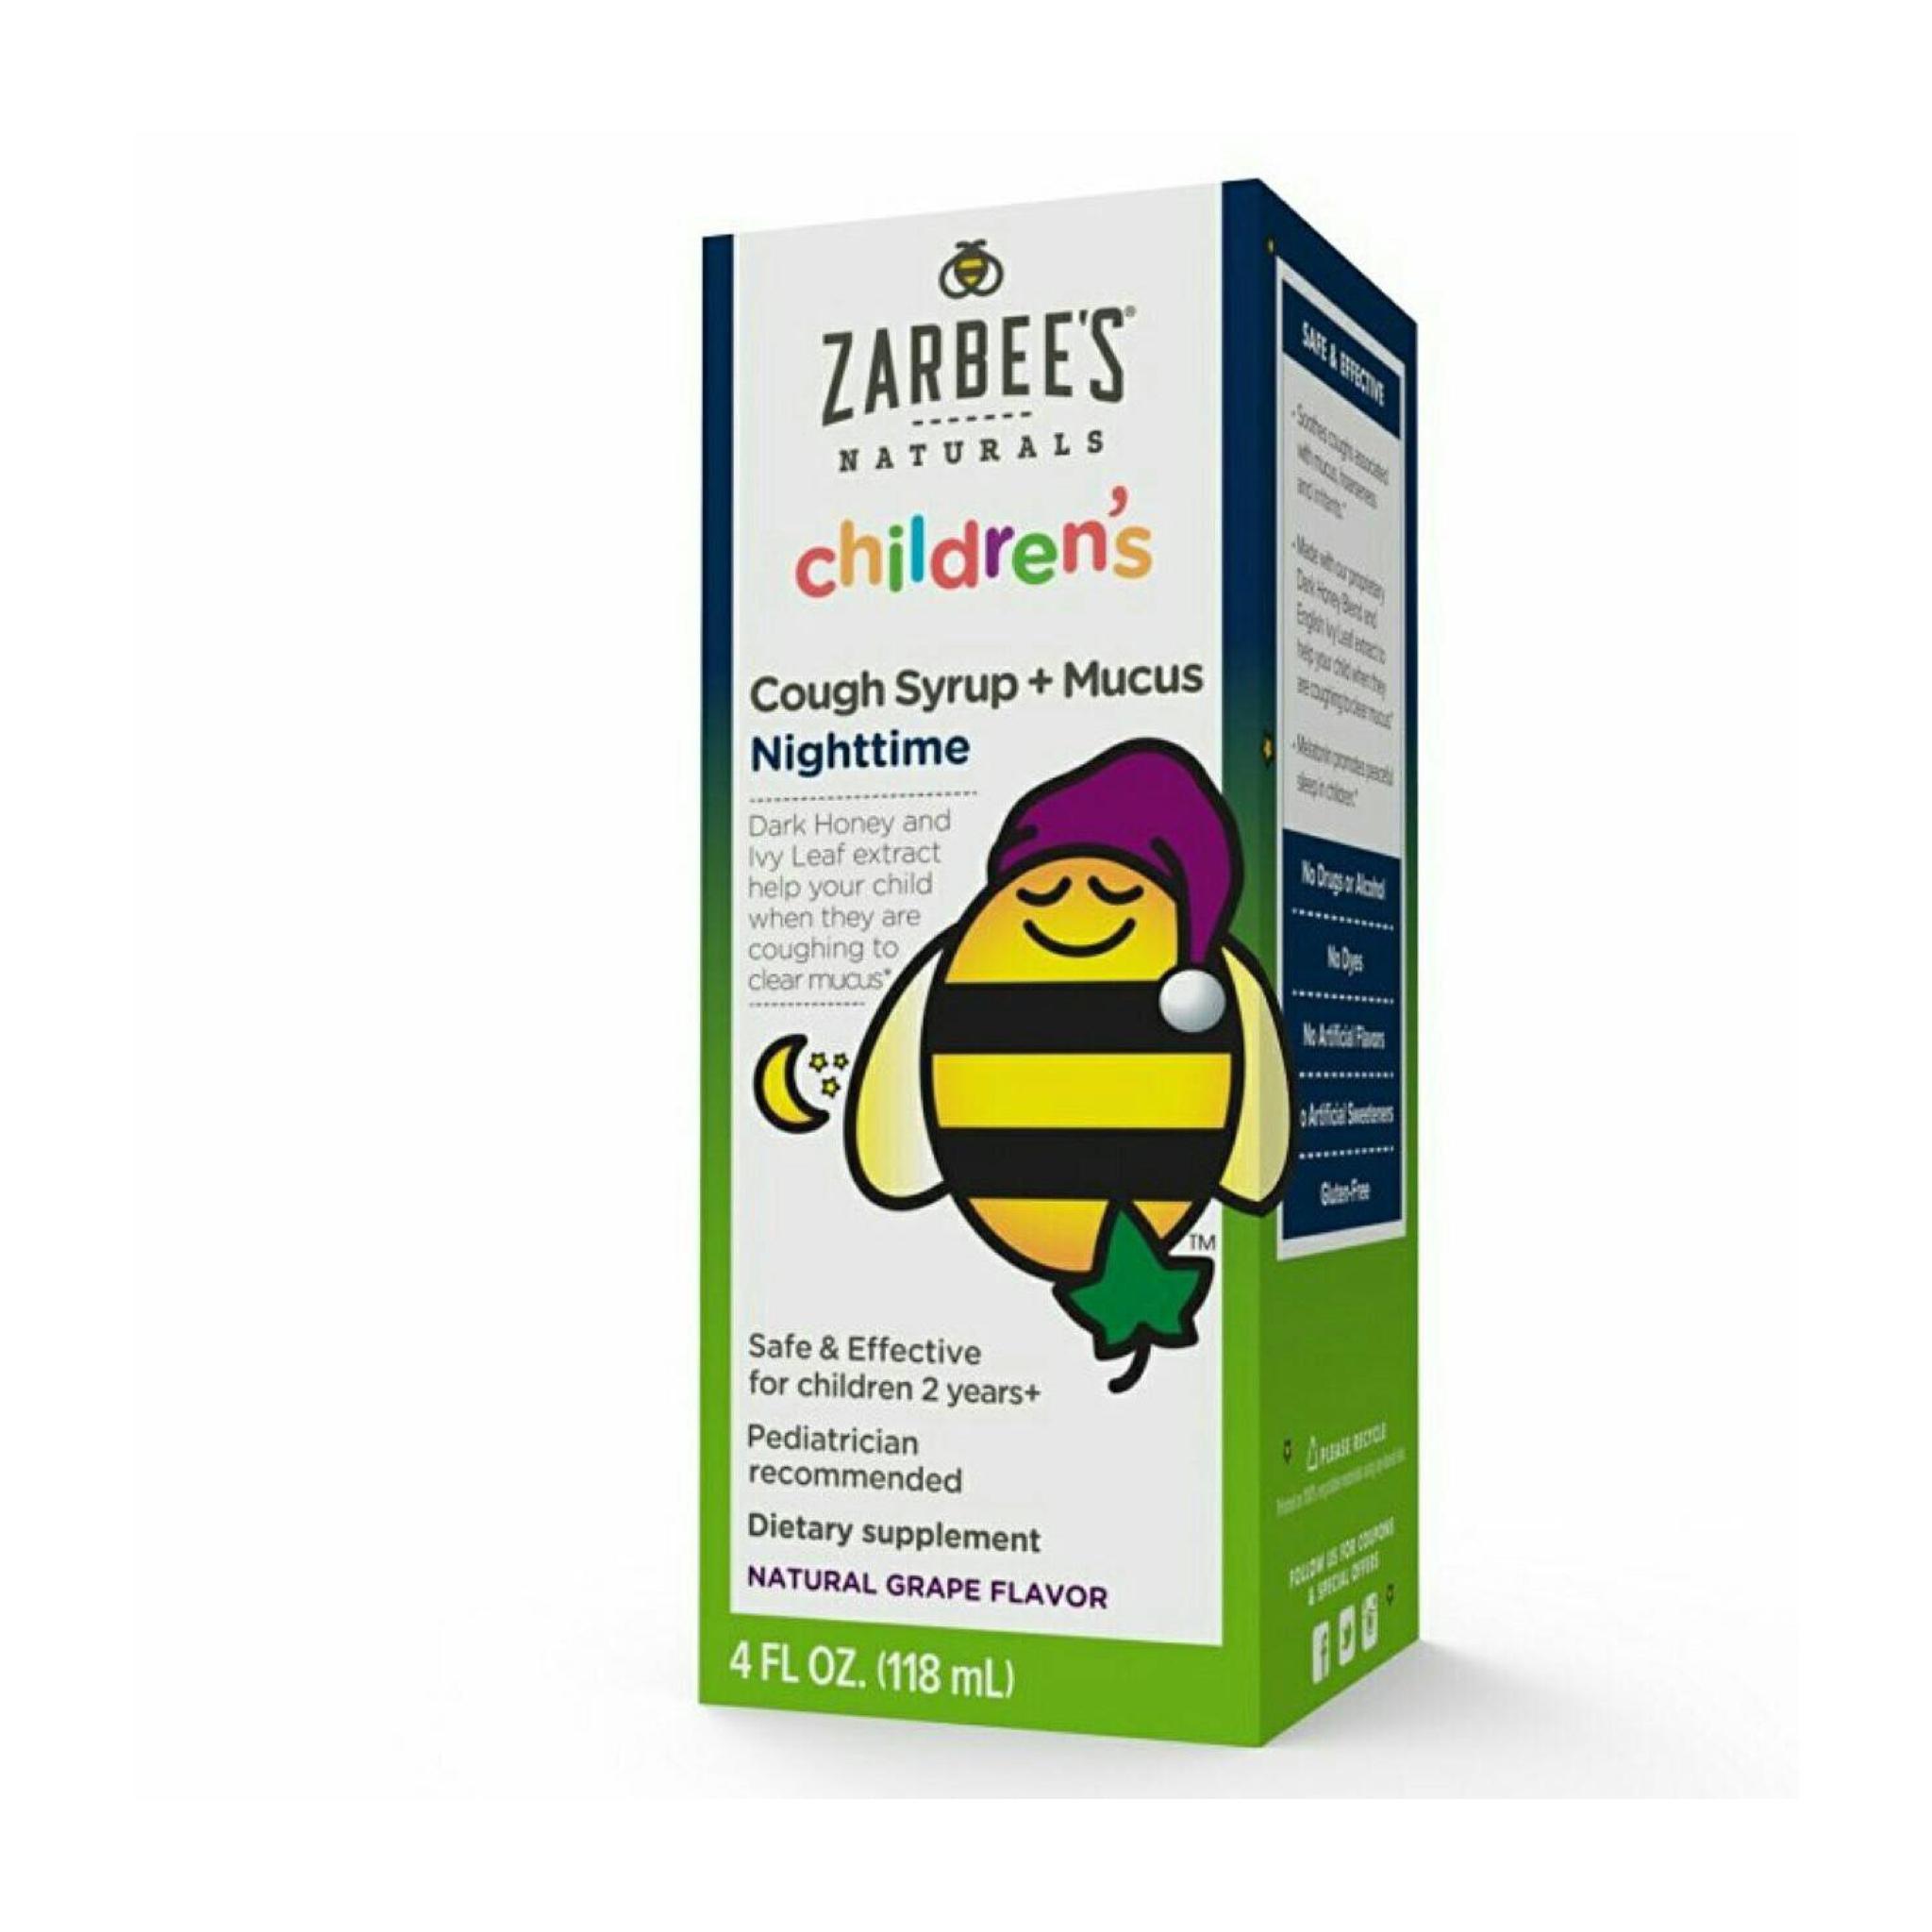 สมุนไพรบรรเทาอาการไอและลดน้ำมูกสำหรับช่วงเวลากลางคืน ZARBEE'S Naturals Children's Cough Syrup + Mucus Nighttime